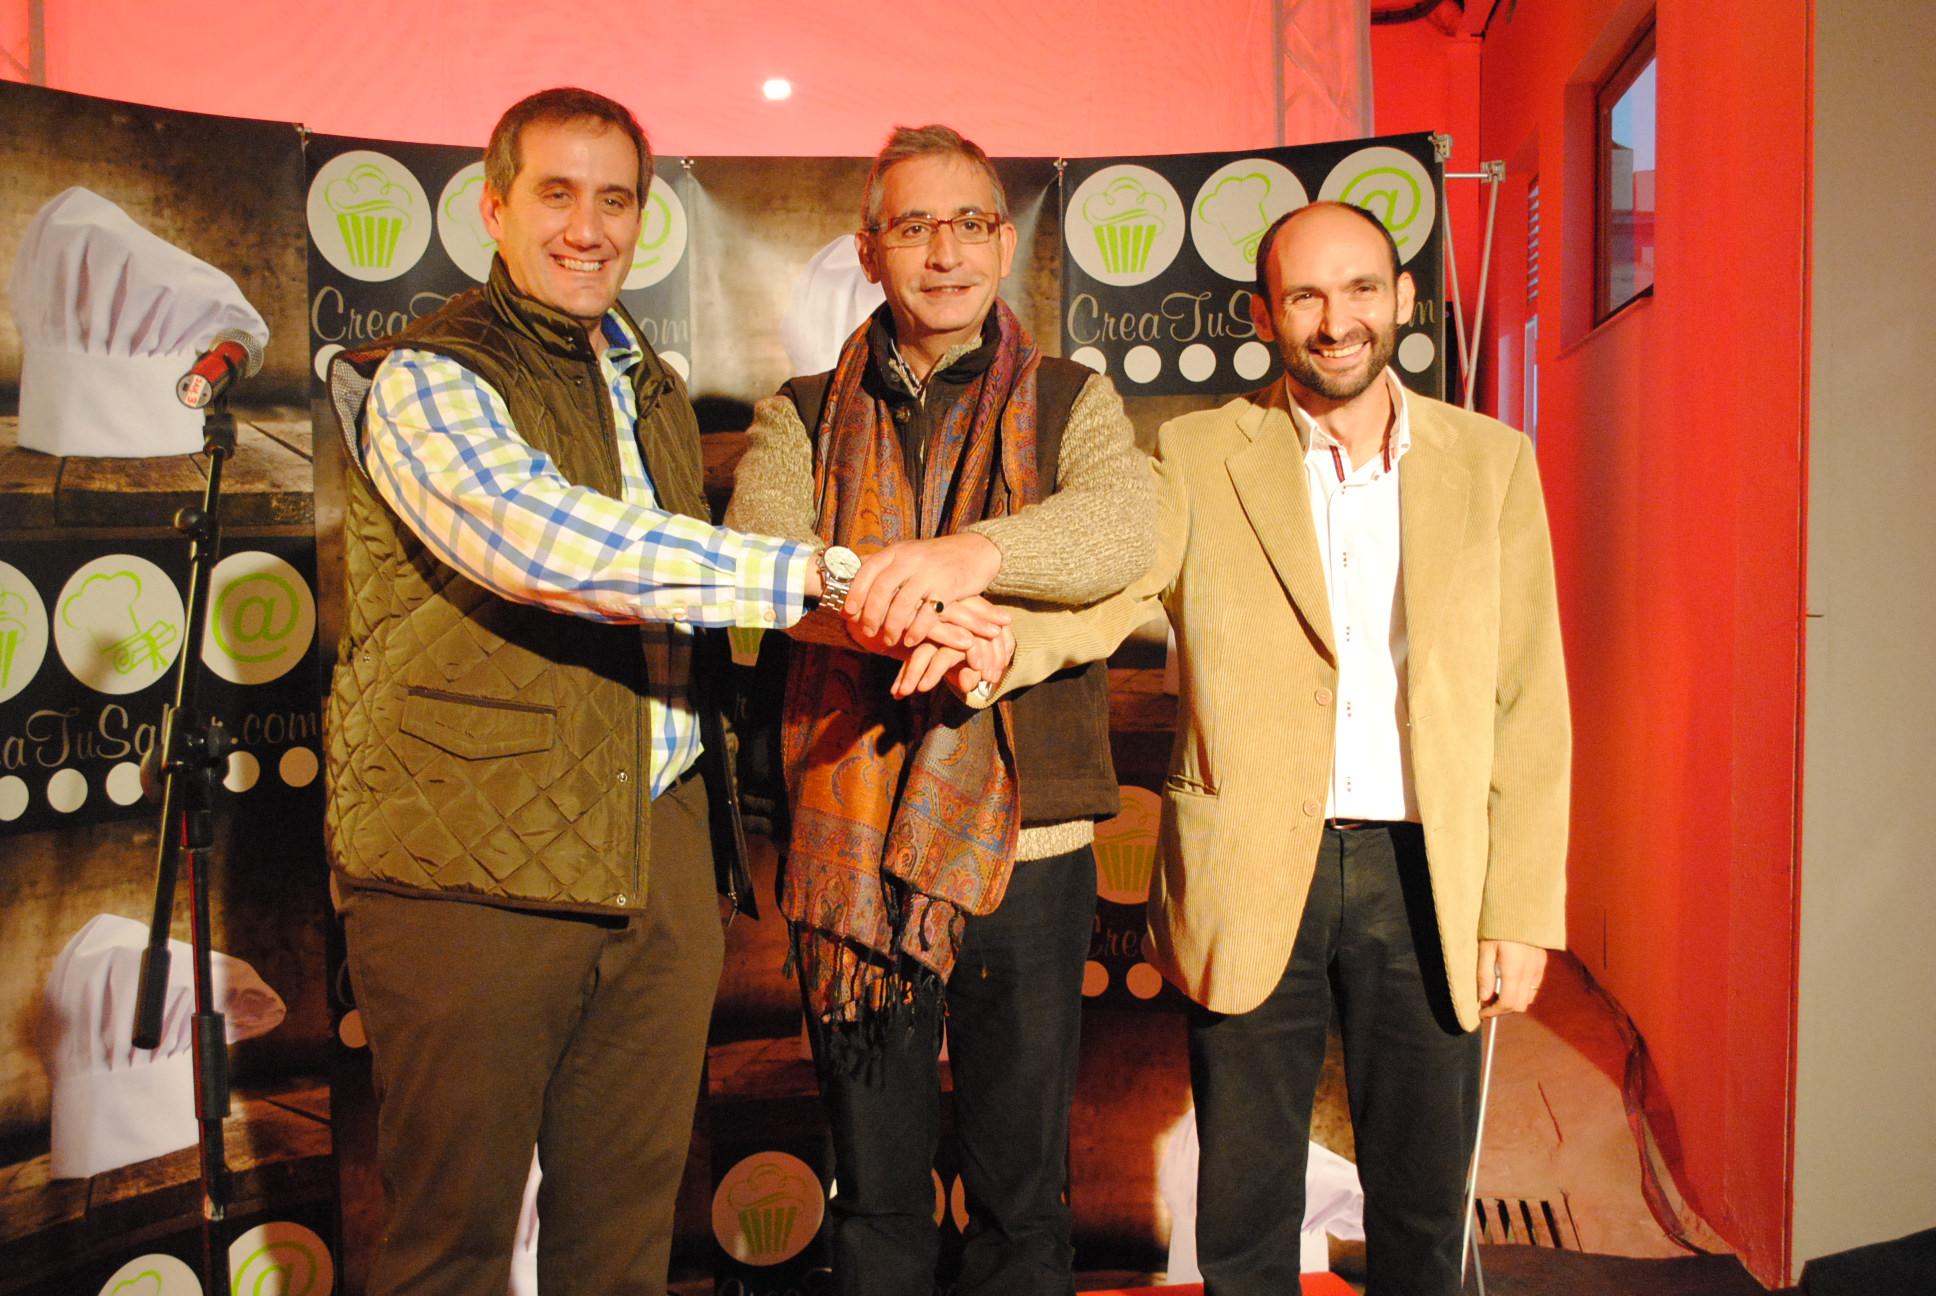 El alcalde de Valdepeñas inauguró un nuevo negocio de repostería